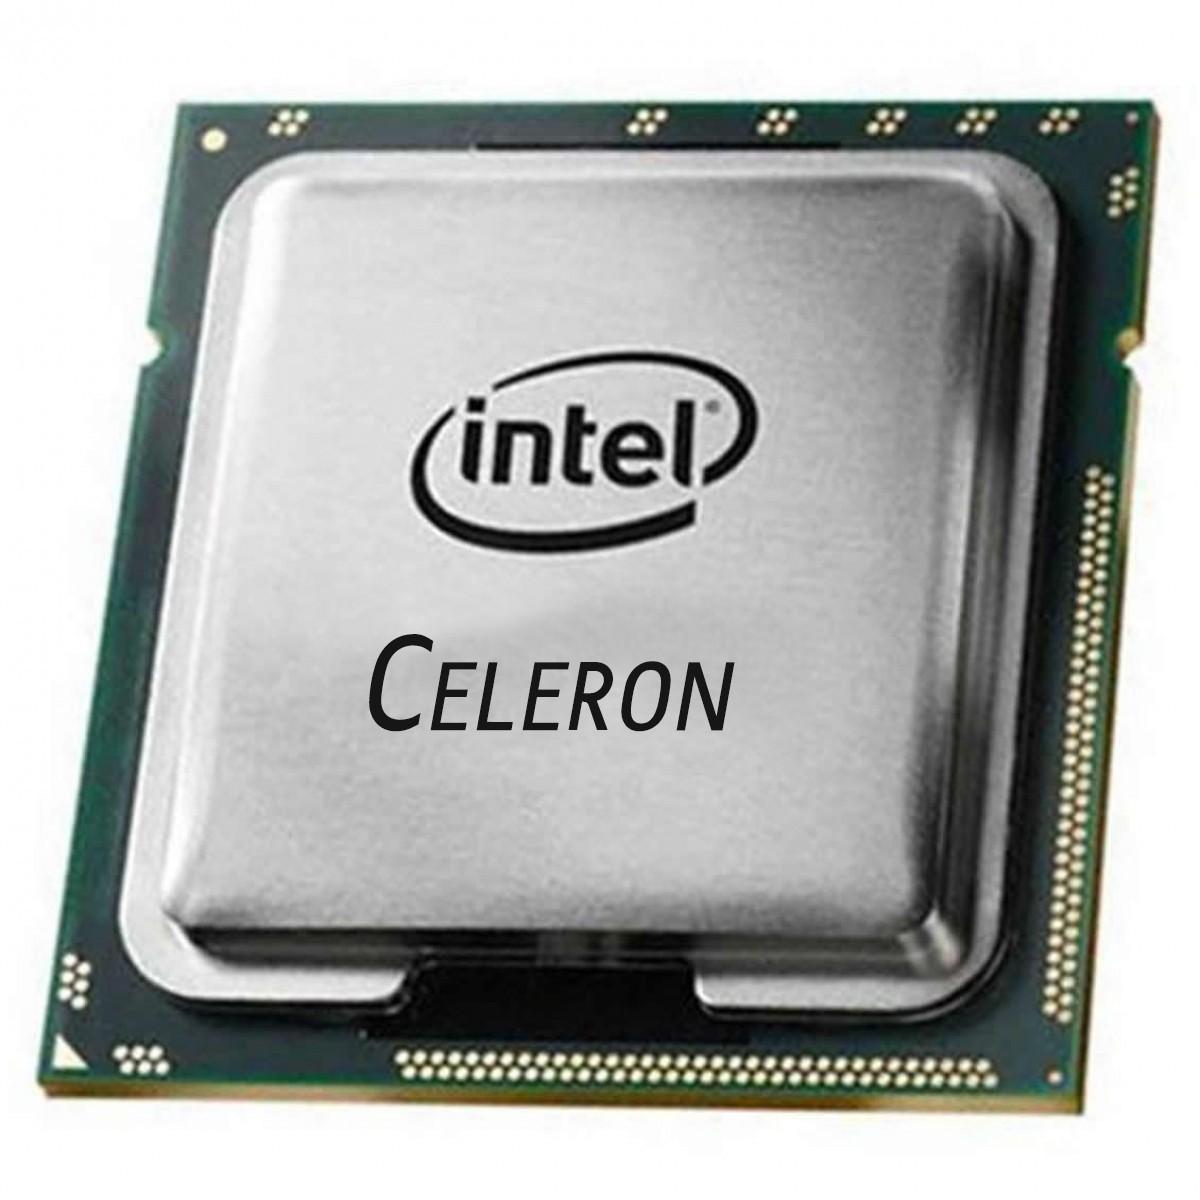 Processador Intel Celeron G4930T 3GHz, 2-Cores 2-Threads, LGA 1151, Sem Cooler, Sem Caixa, CM8068403379313S - TRAY